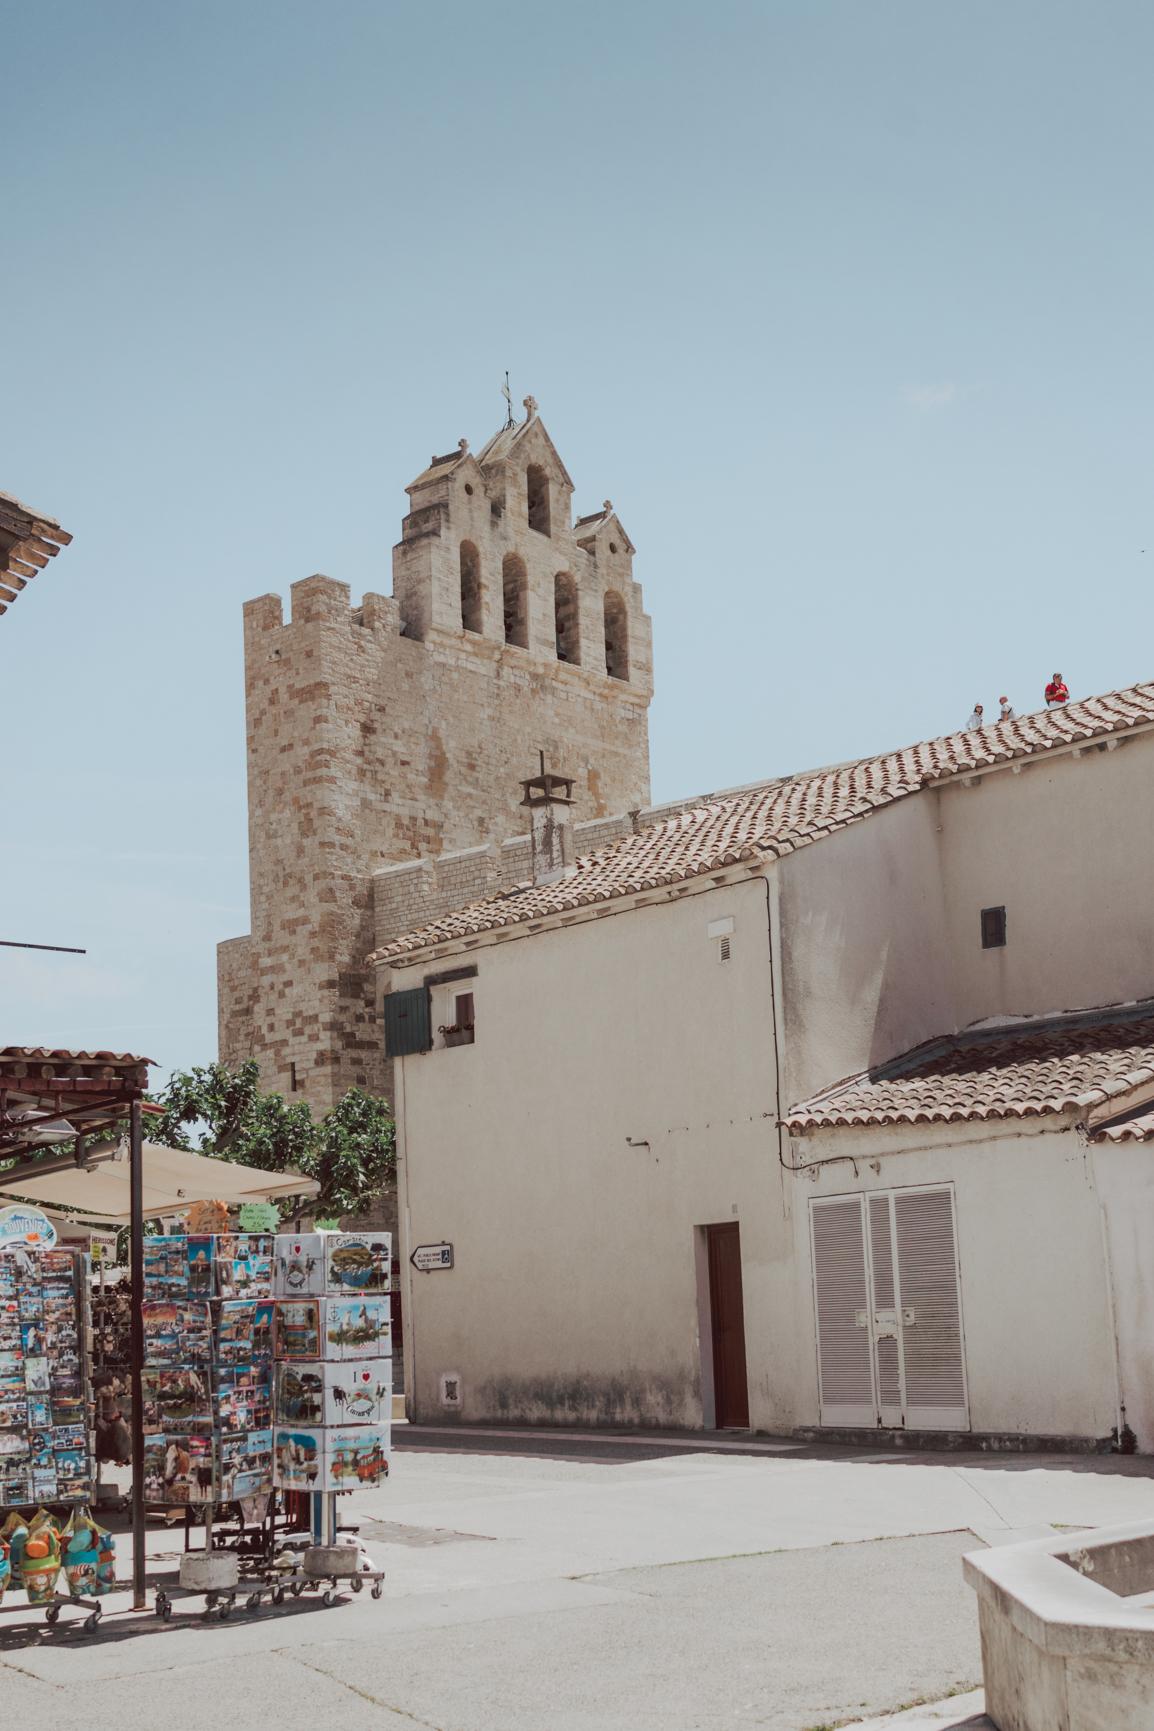 Church Les Saintes Maries de la Mer